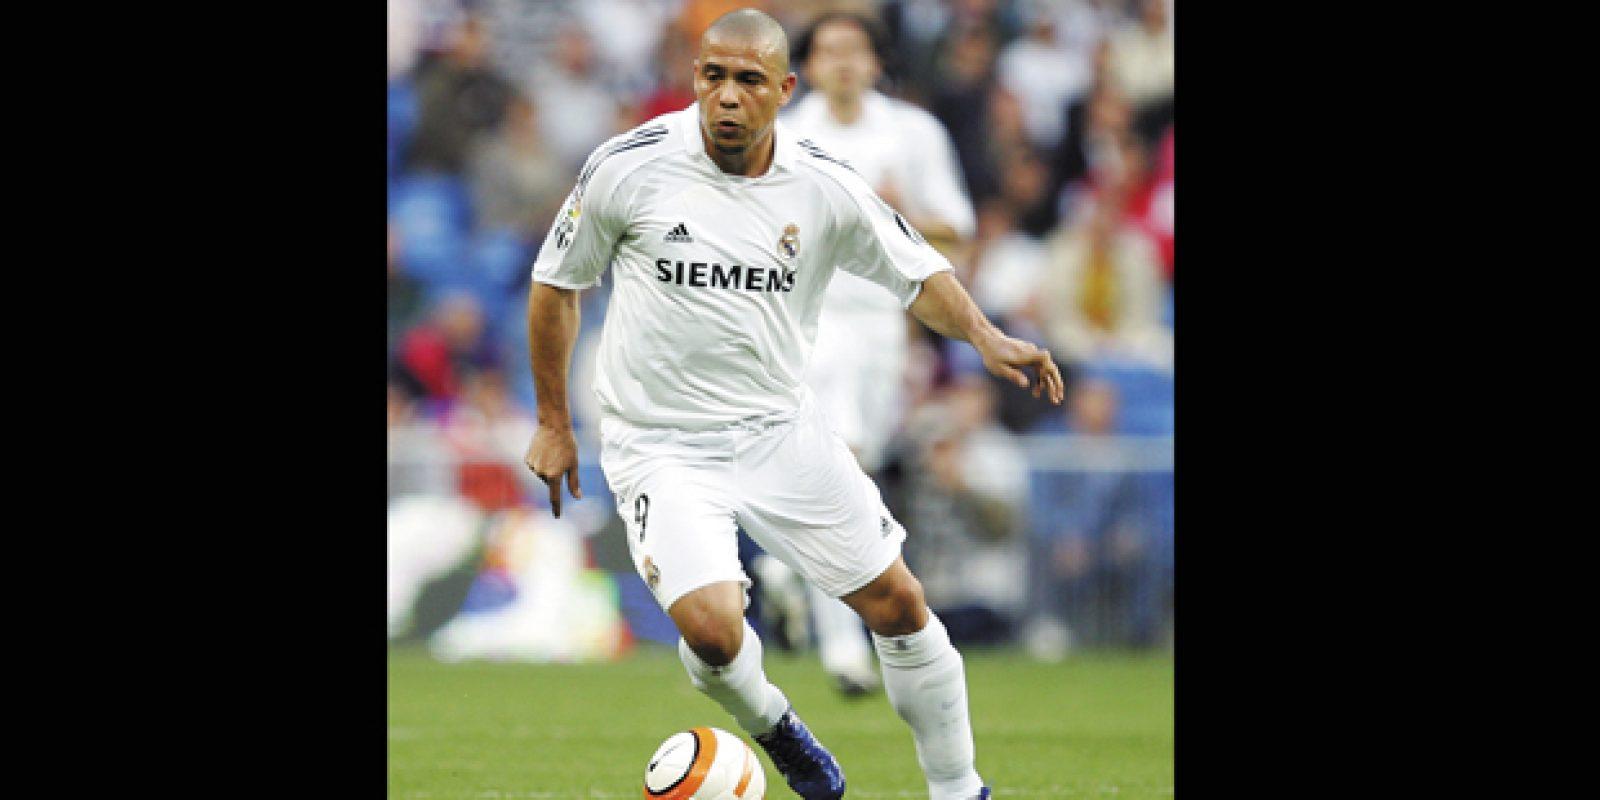 Fenômeno em dois momentos. Foi no Barcelona que Ronaldo – à época, Ronaldinho –, se tornou o Fenômeno e ganhou o status de melhor jogador do mundo, entre 1996 e 1997. Após uma temporada na Catalunha, o atacante acertou com a Inter de Milão. Em 2002, voltou à Espanha para atuar no Real Madrid, onde voltou a ser considerado o melhor jogador do planeta. O camisa 9 deixou Madri em 2007 | Denis Doyle/Getty Images